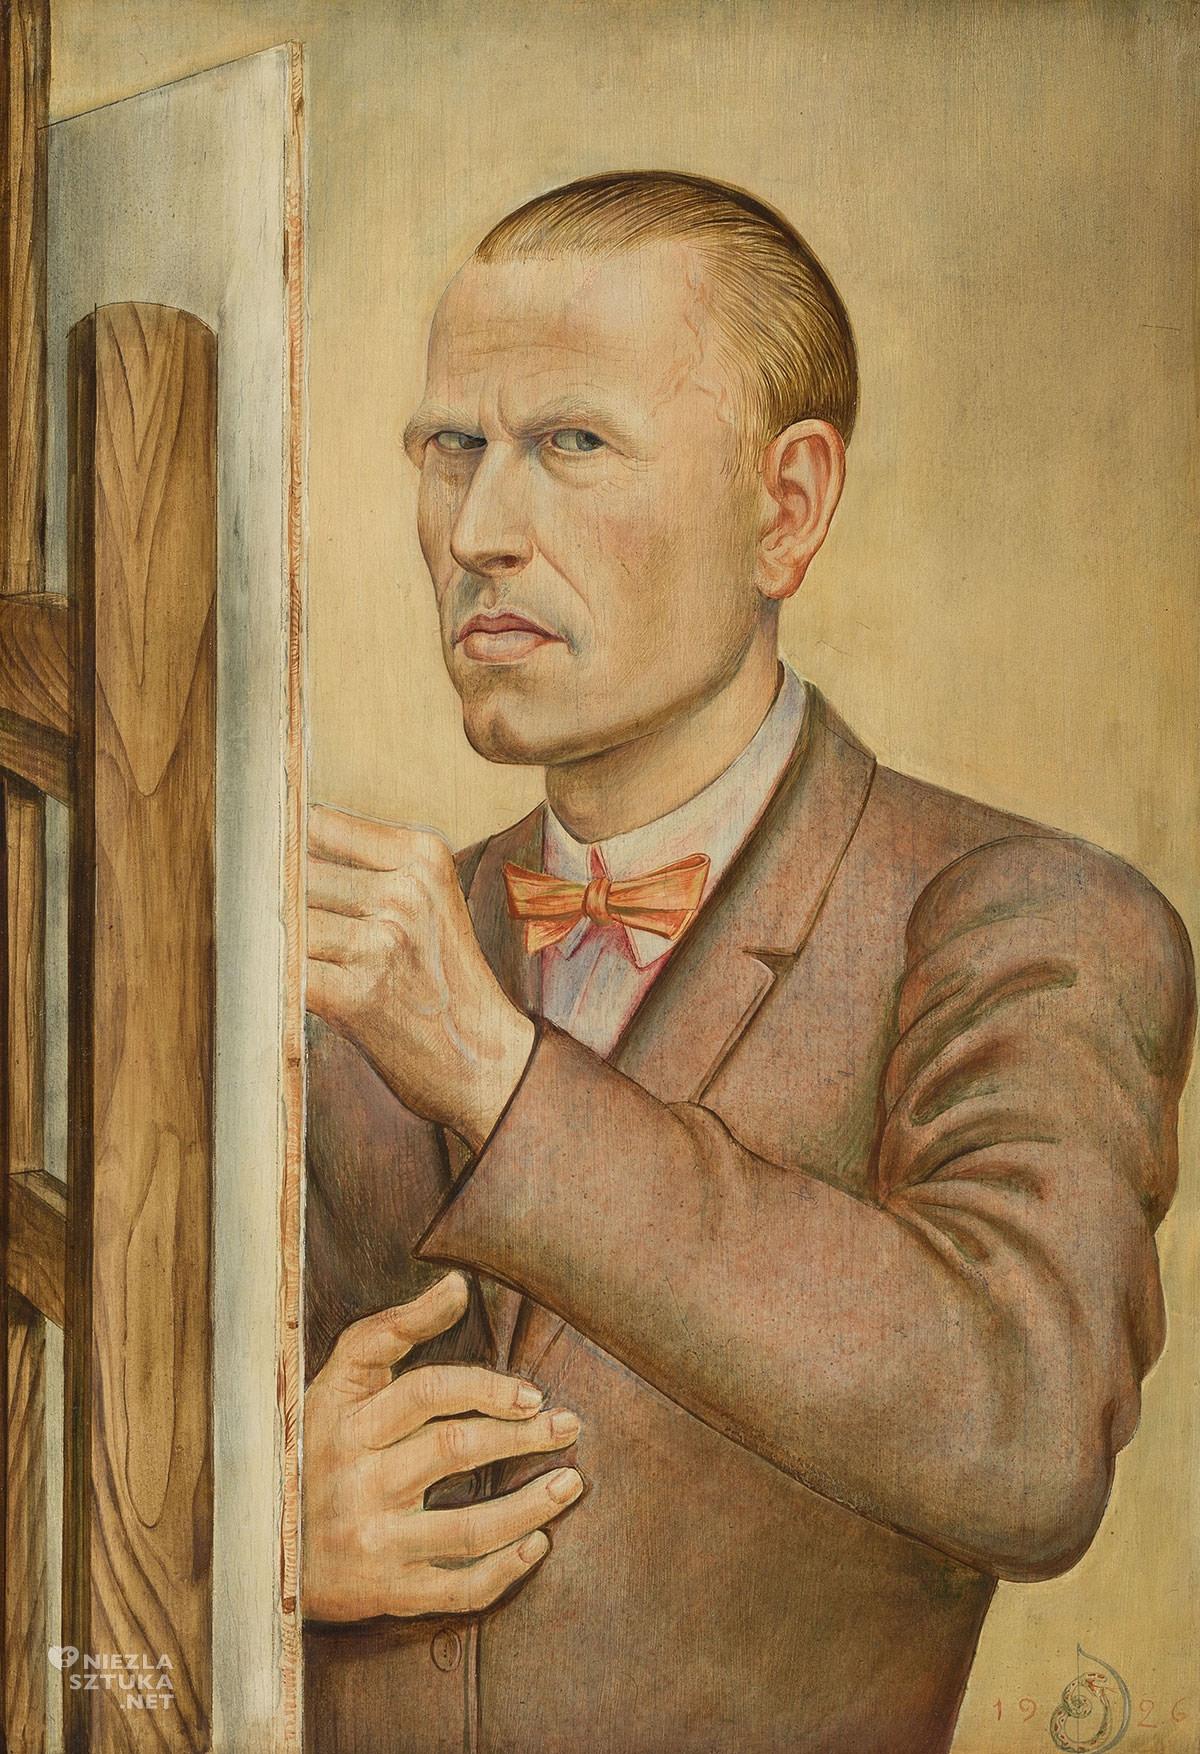 Otto Dix, Autoportret ze sztalugą, Niezła Sztuka